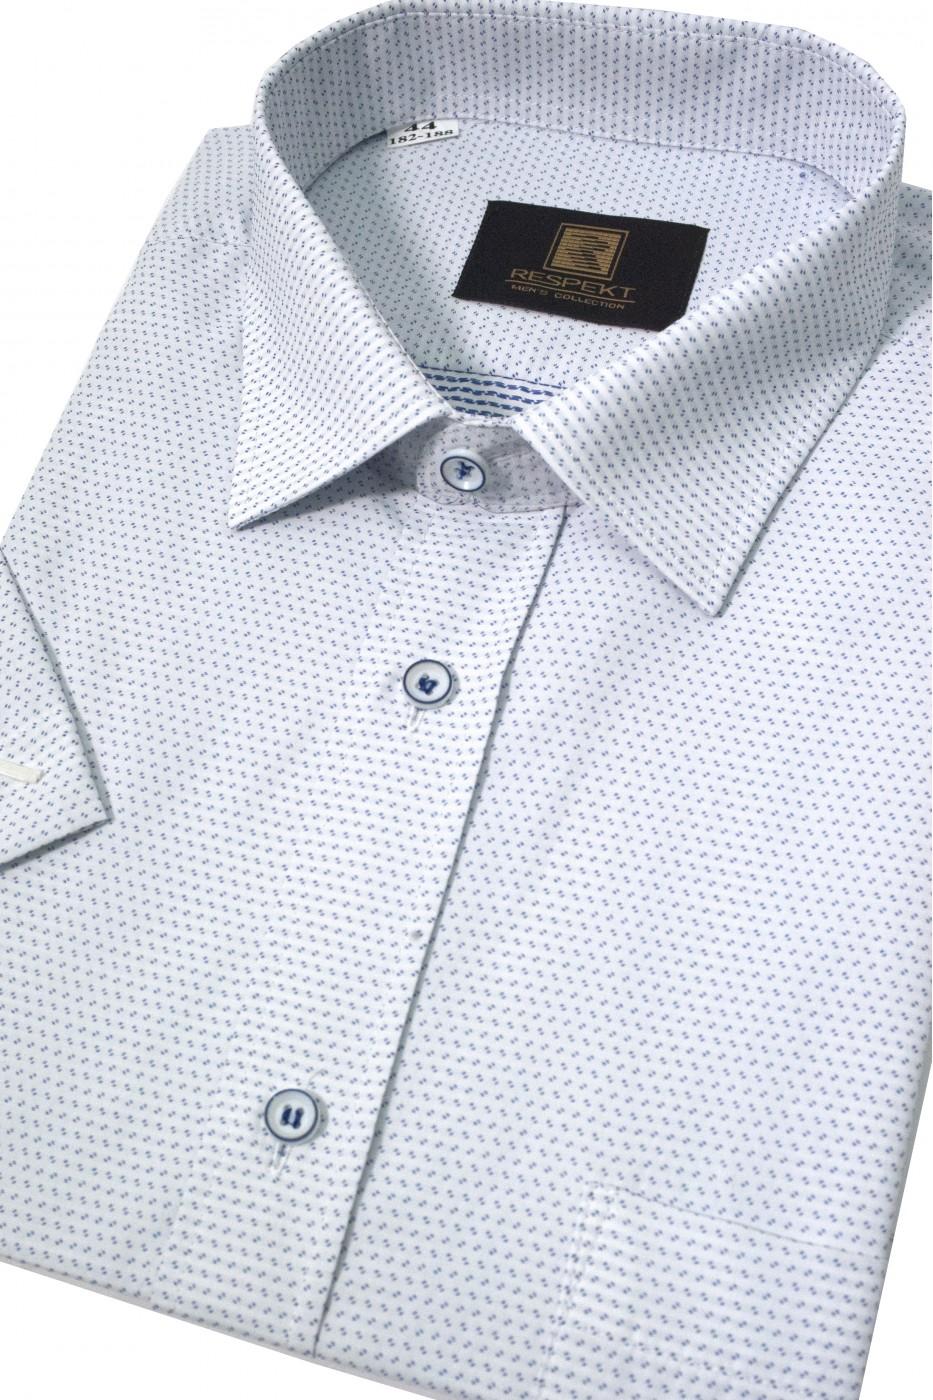 Сорочка мужская короткий рукав 326 (56A)